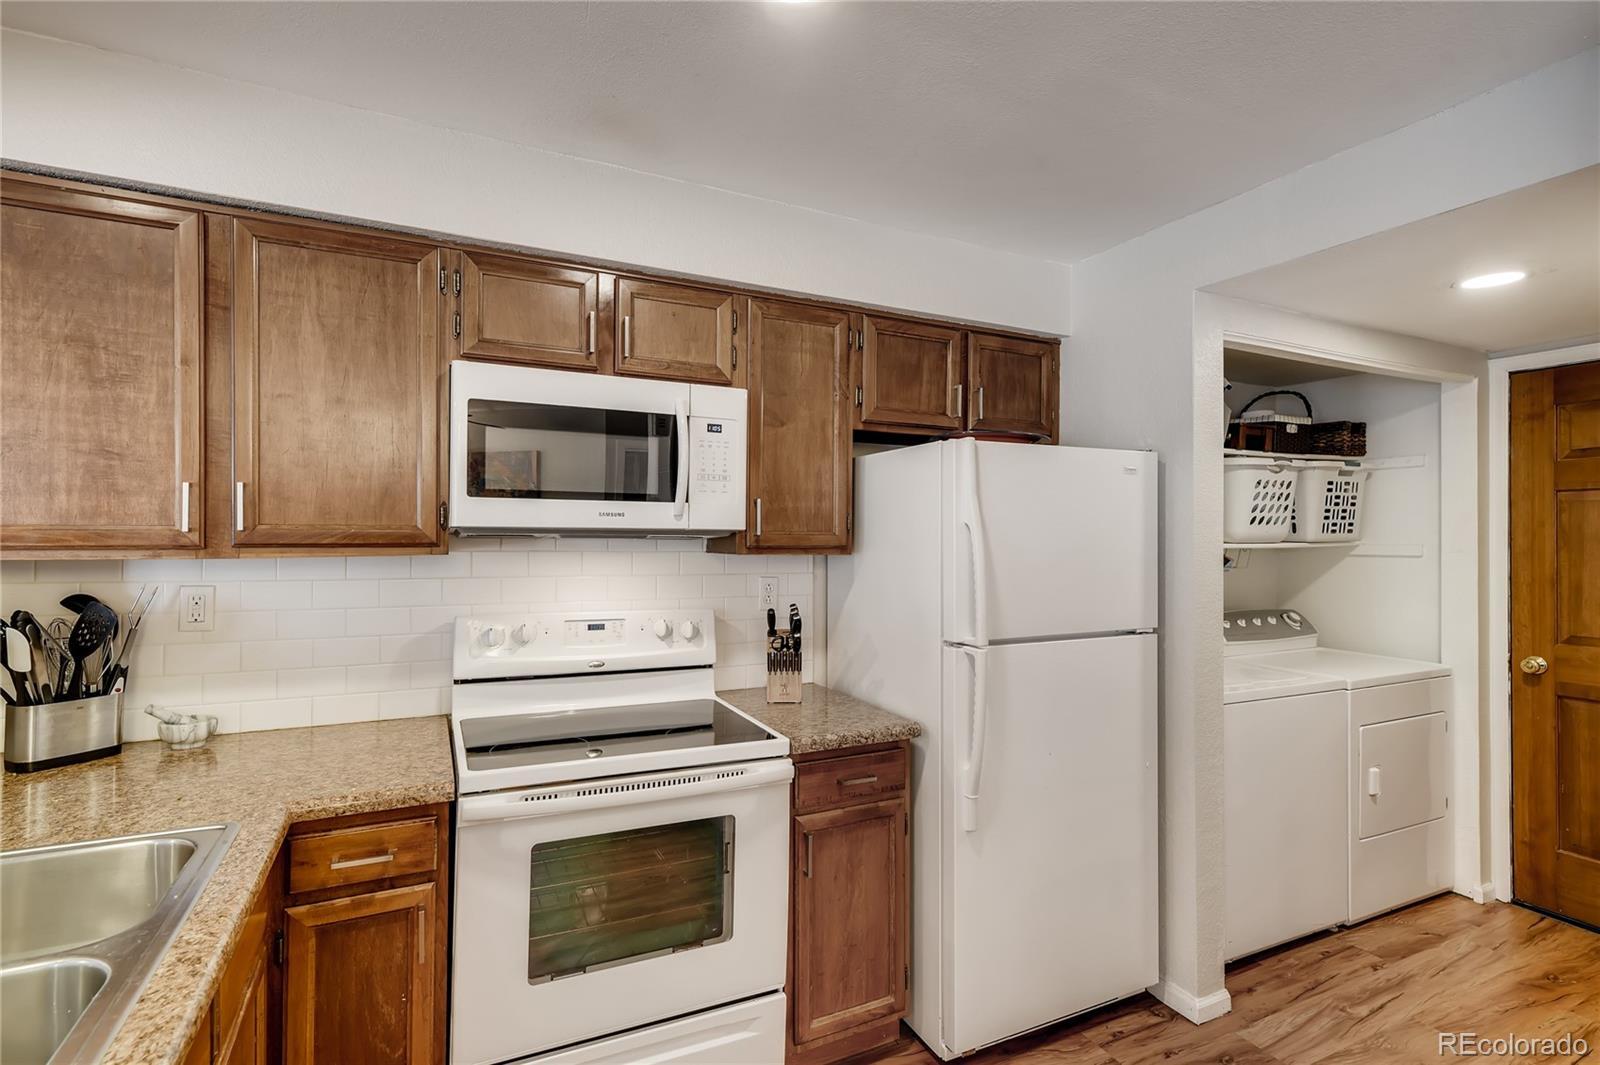 MLS# 2286573 - 32 - 836 S Vance Street #A, Lakewood, CO 80226